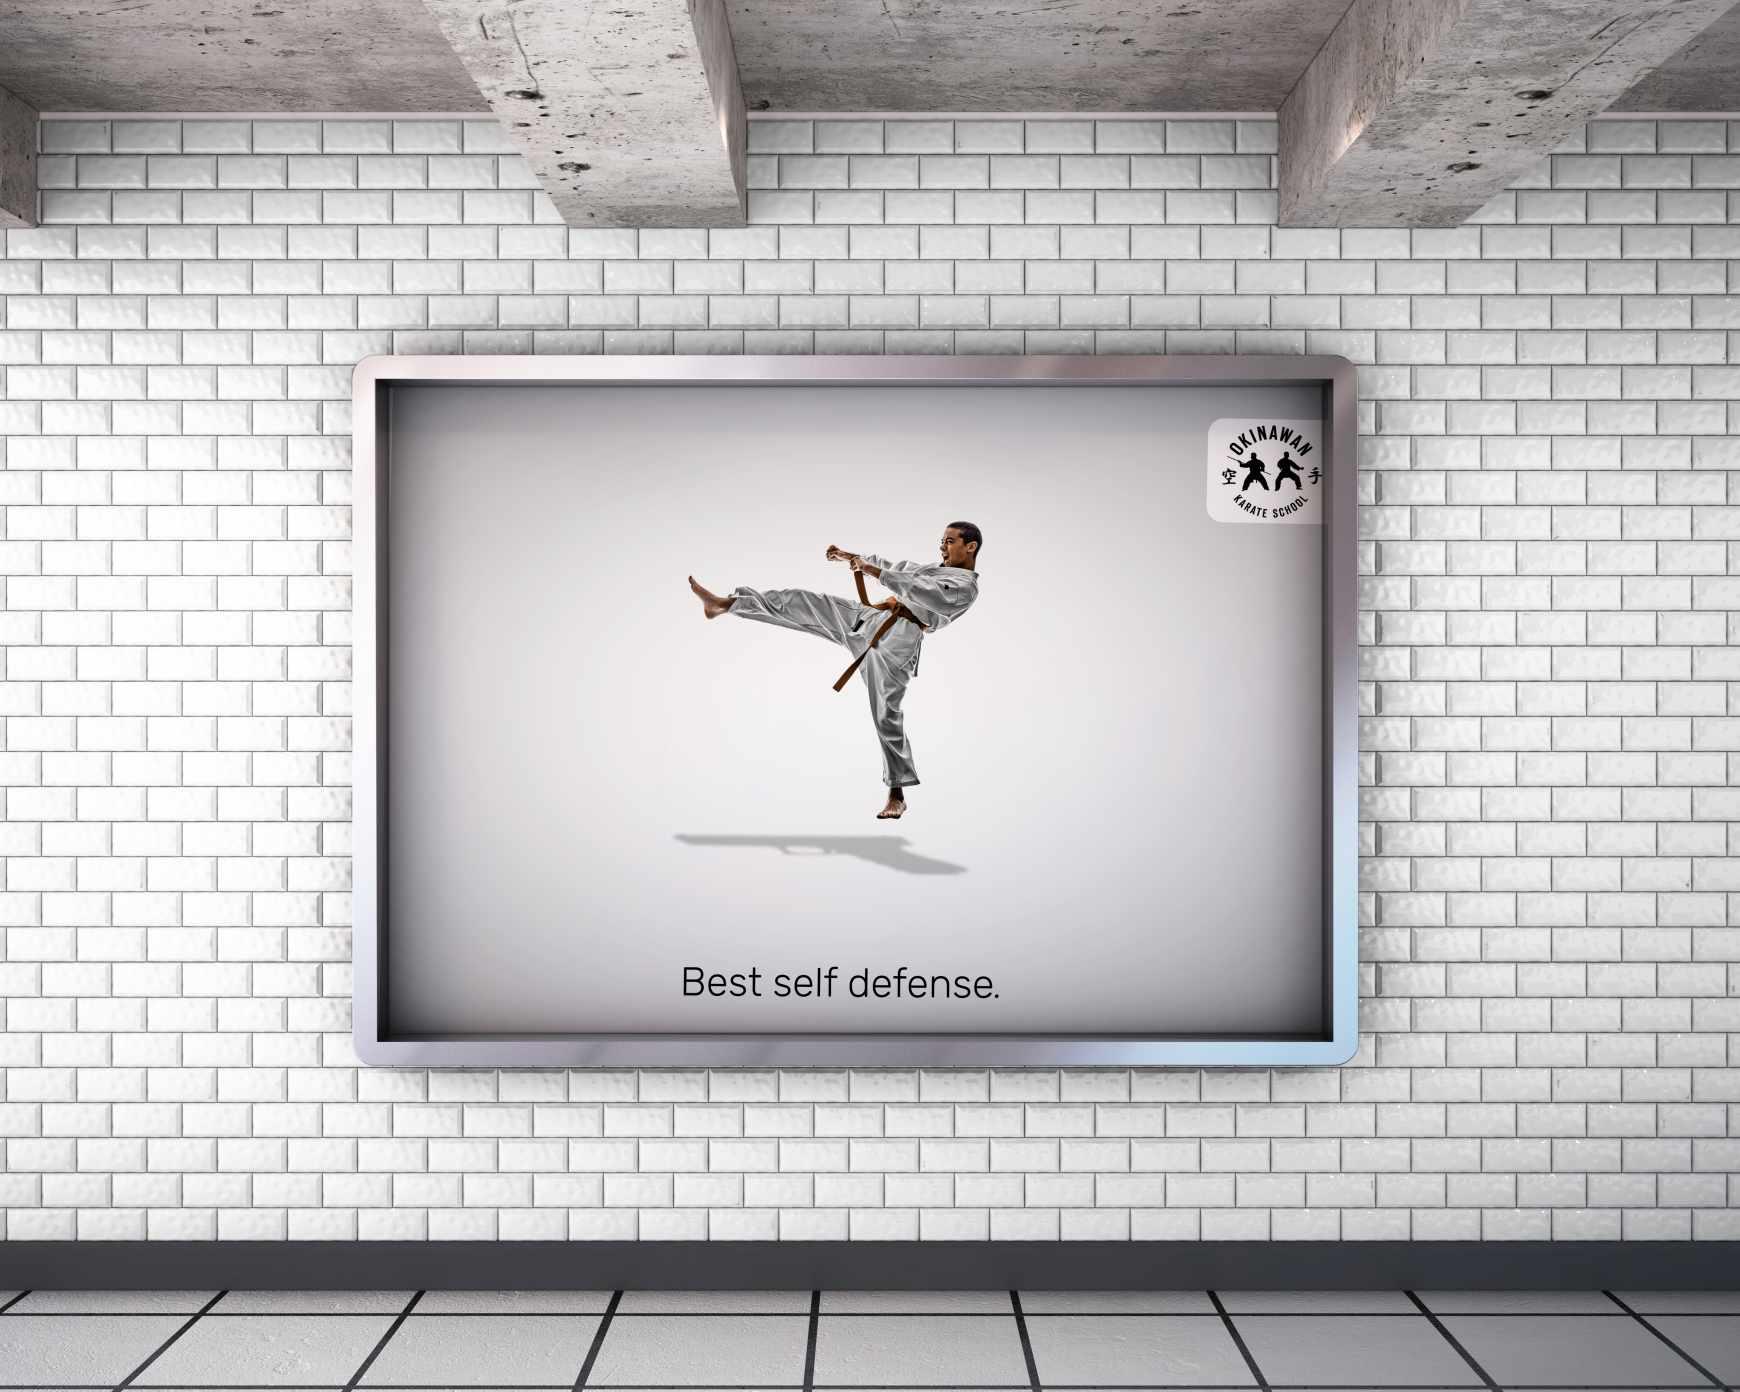 Okinawan Karate School Print Ad - Best self defense